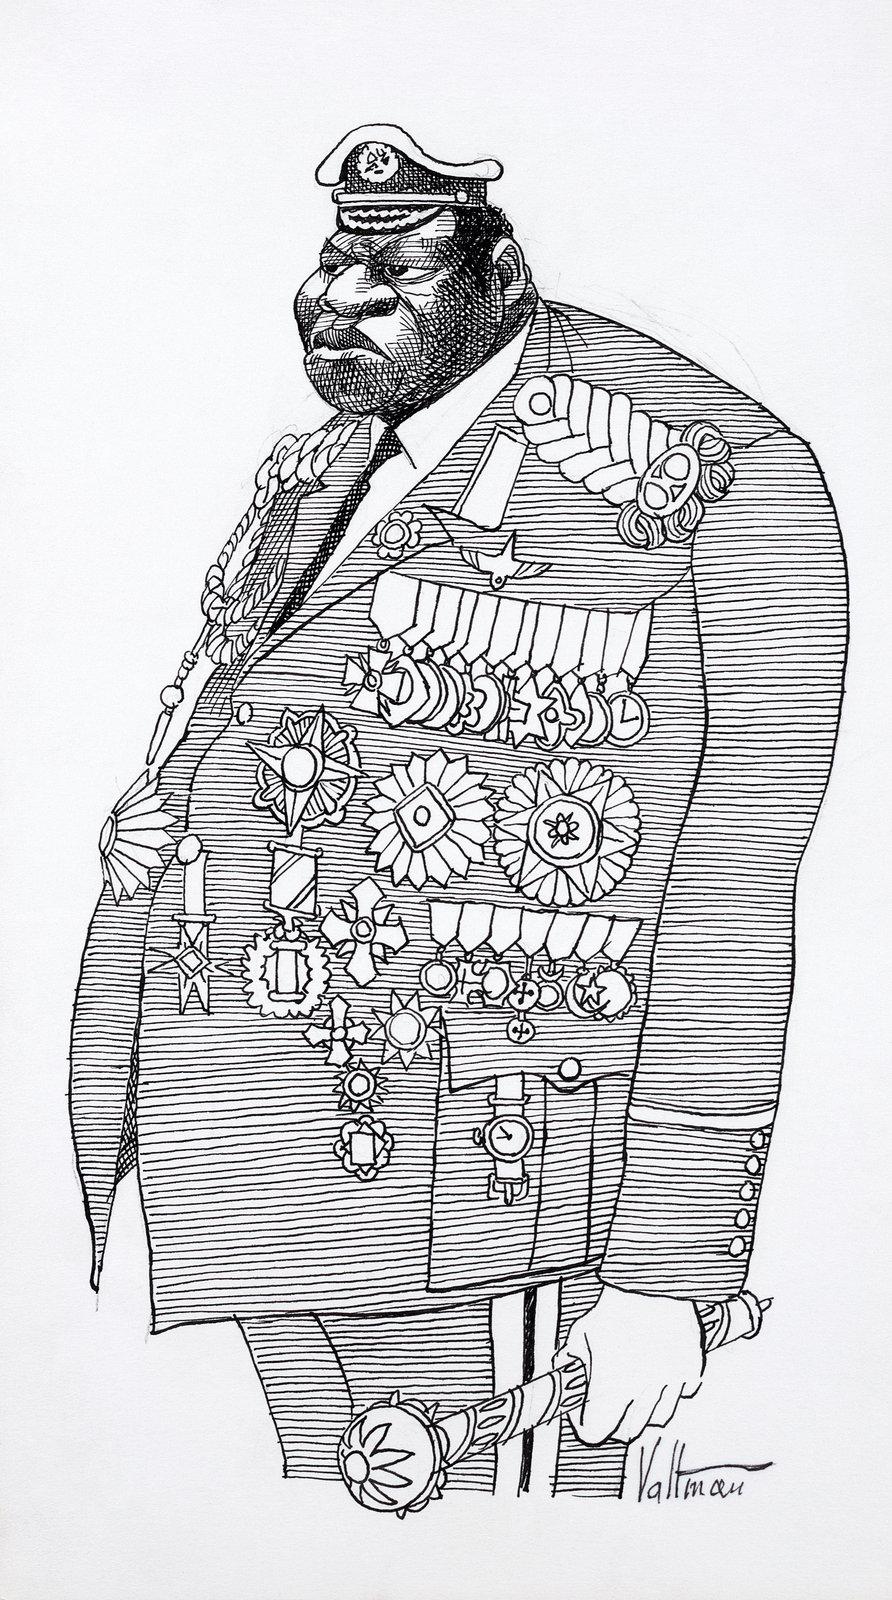 Amin - karykatura Źródło: Edmund S. Valtman, Amin - karykatura, Biblioteka Kongresu Stanów Zjednoczonych, domena publiczna.